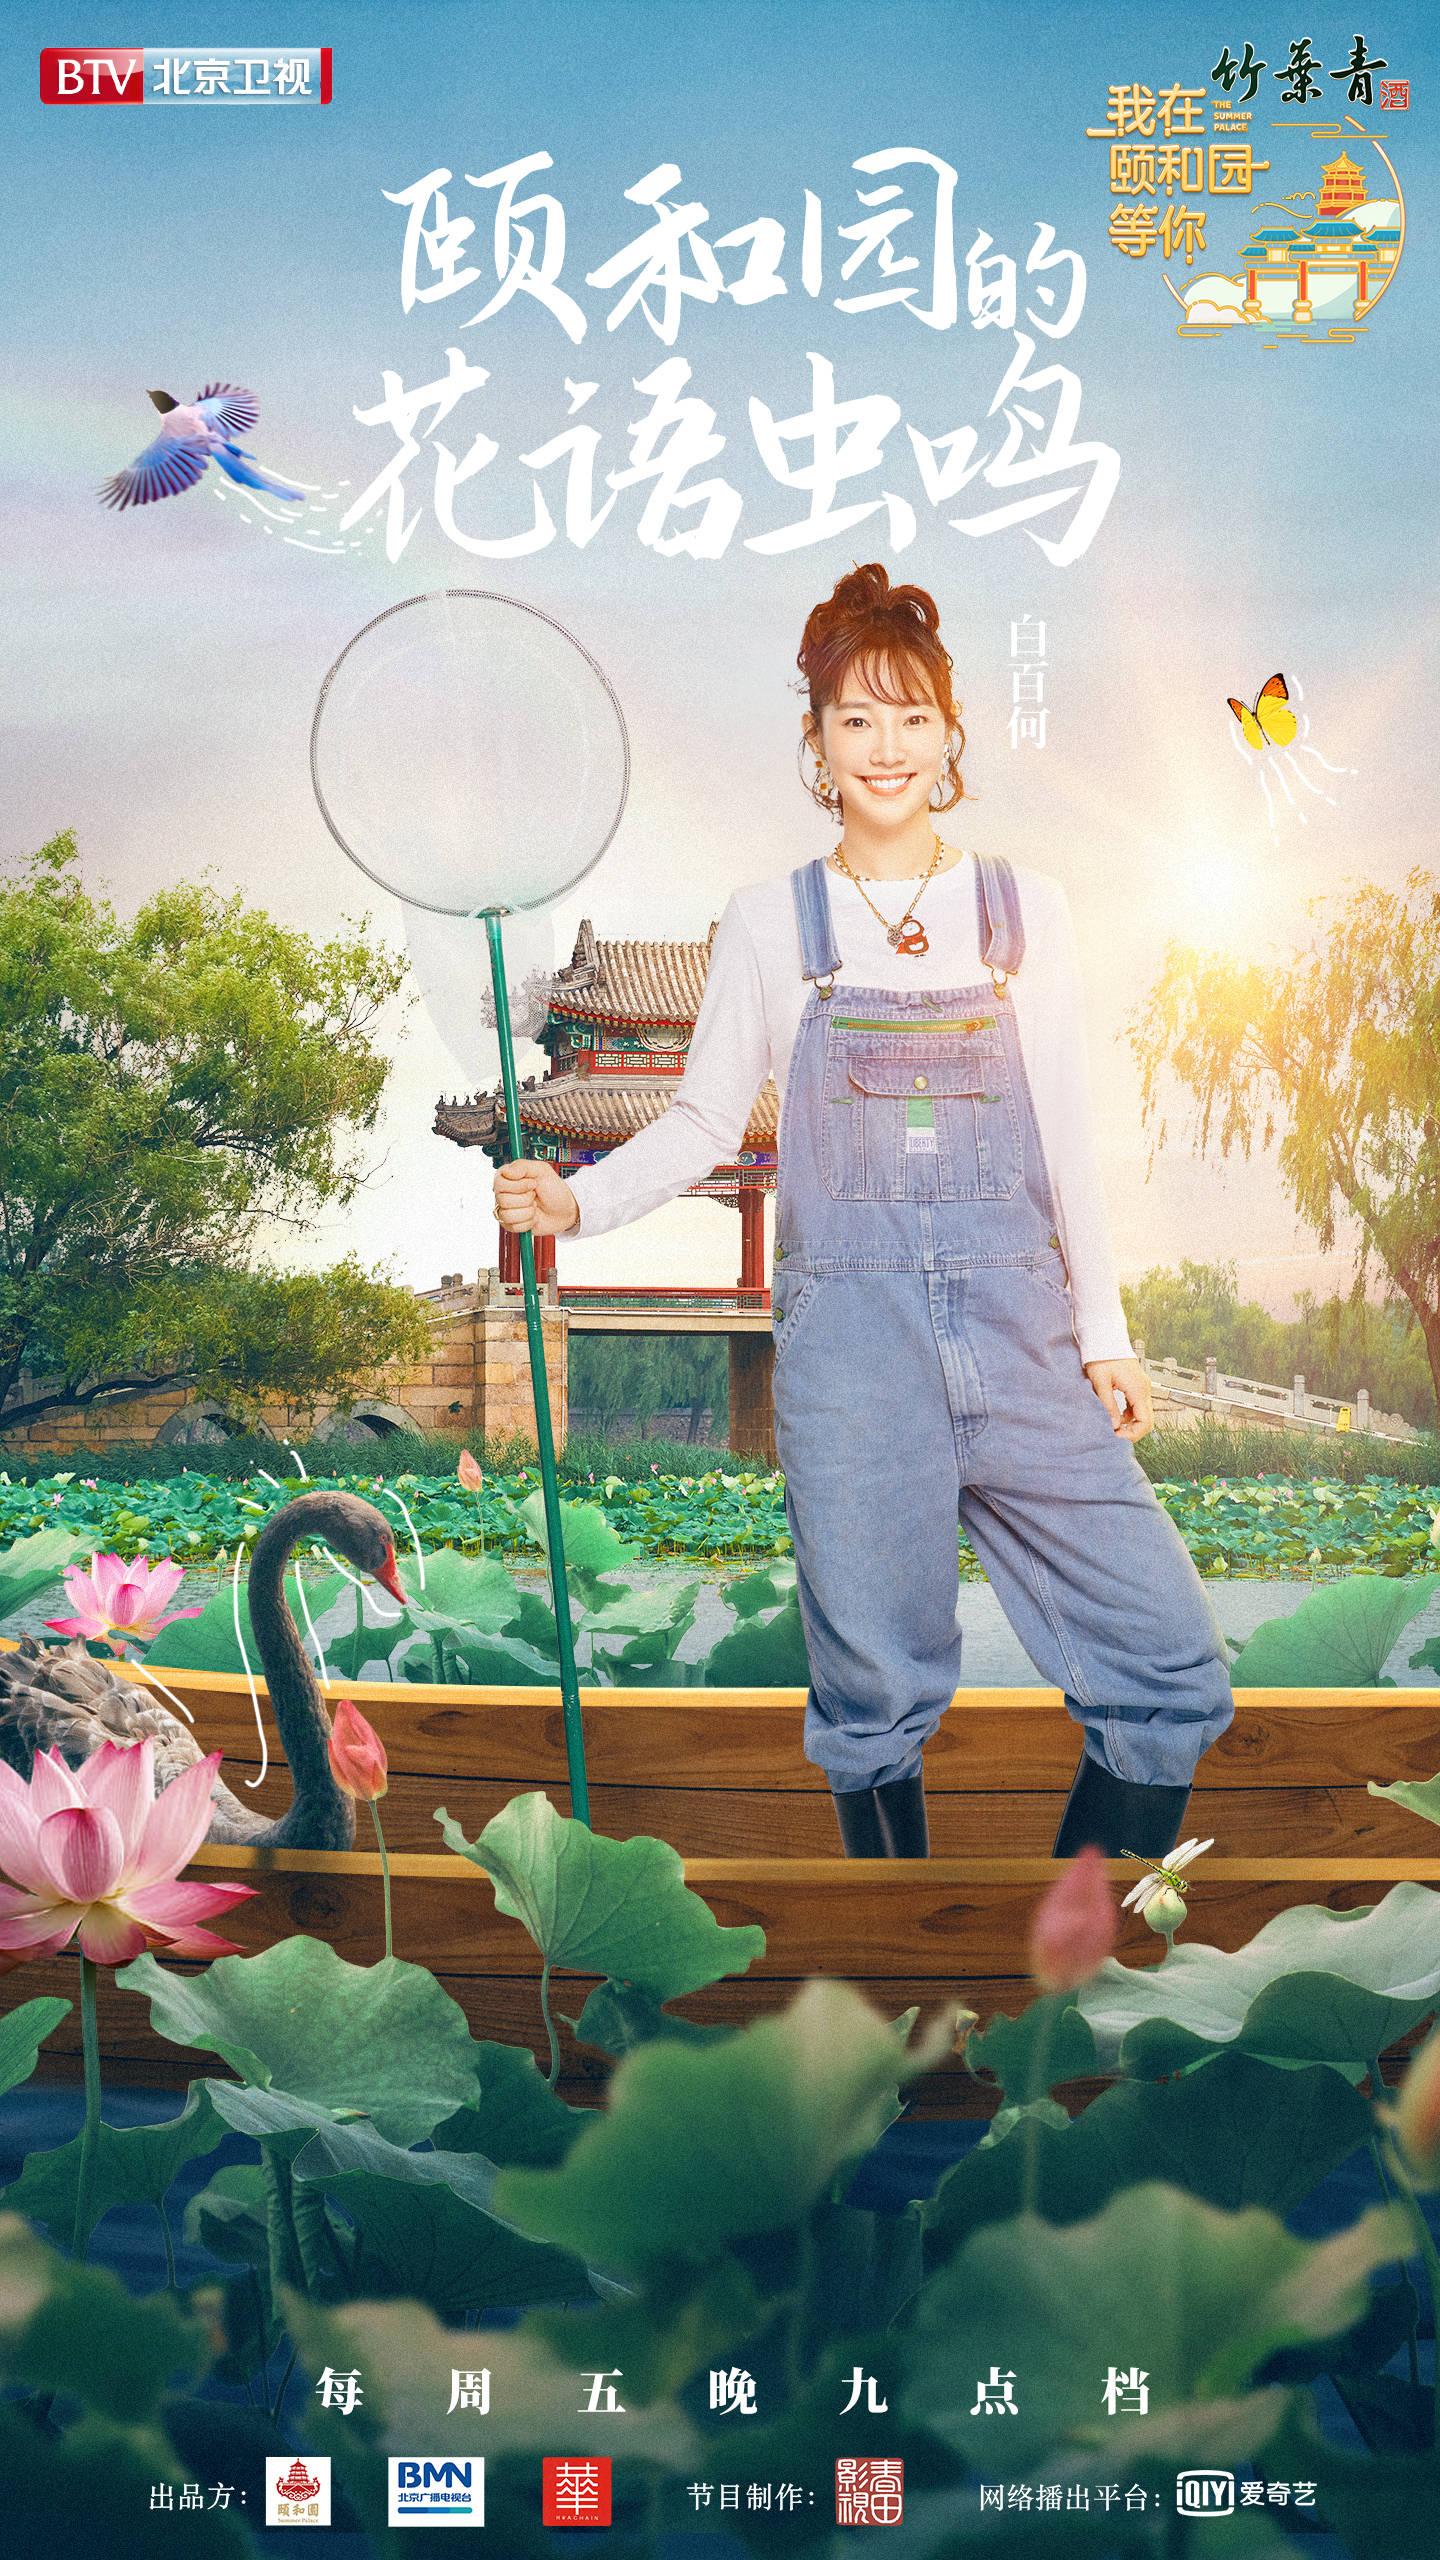 白百何首秀《颐和园》惊人行动力解锁秘密花园